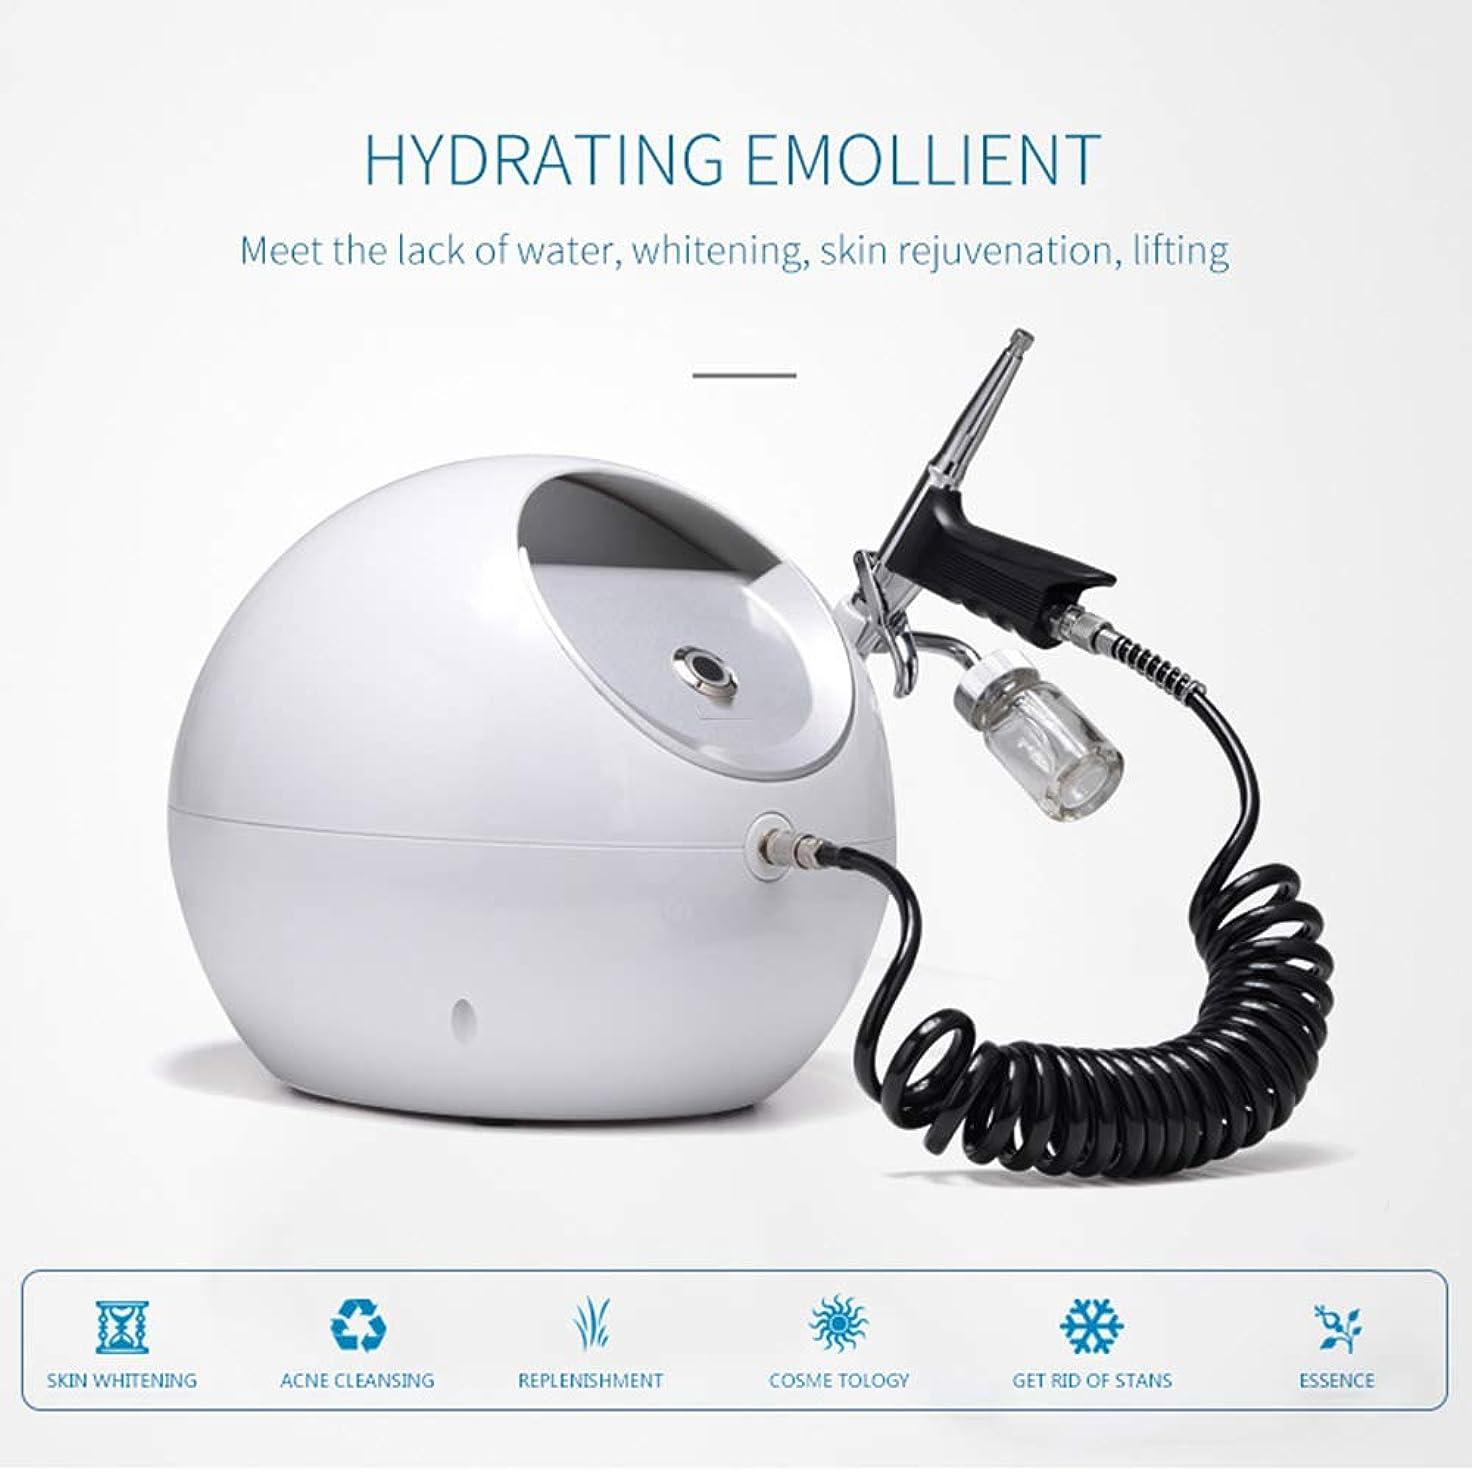 細いコジオスコ限られた2 In1 小バブル酸素ジェットピールハイドロフェイシャルダーマブレーションマシン、フェイシャルクリーニングブラックヘッドにきびのための皮膚酸素注入美容機器